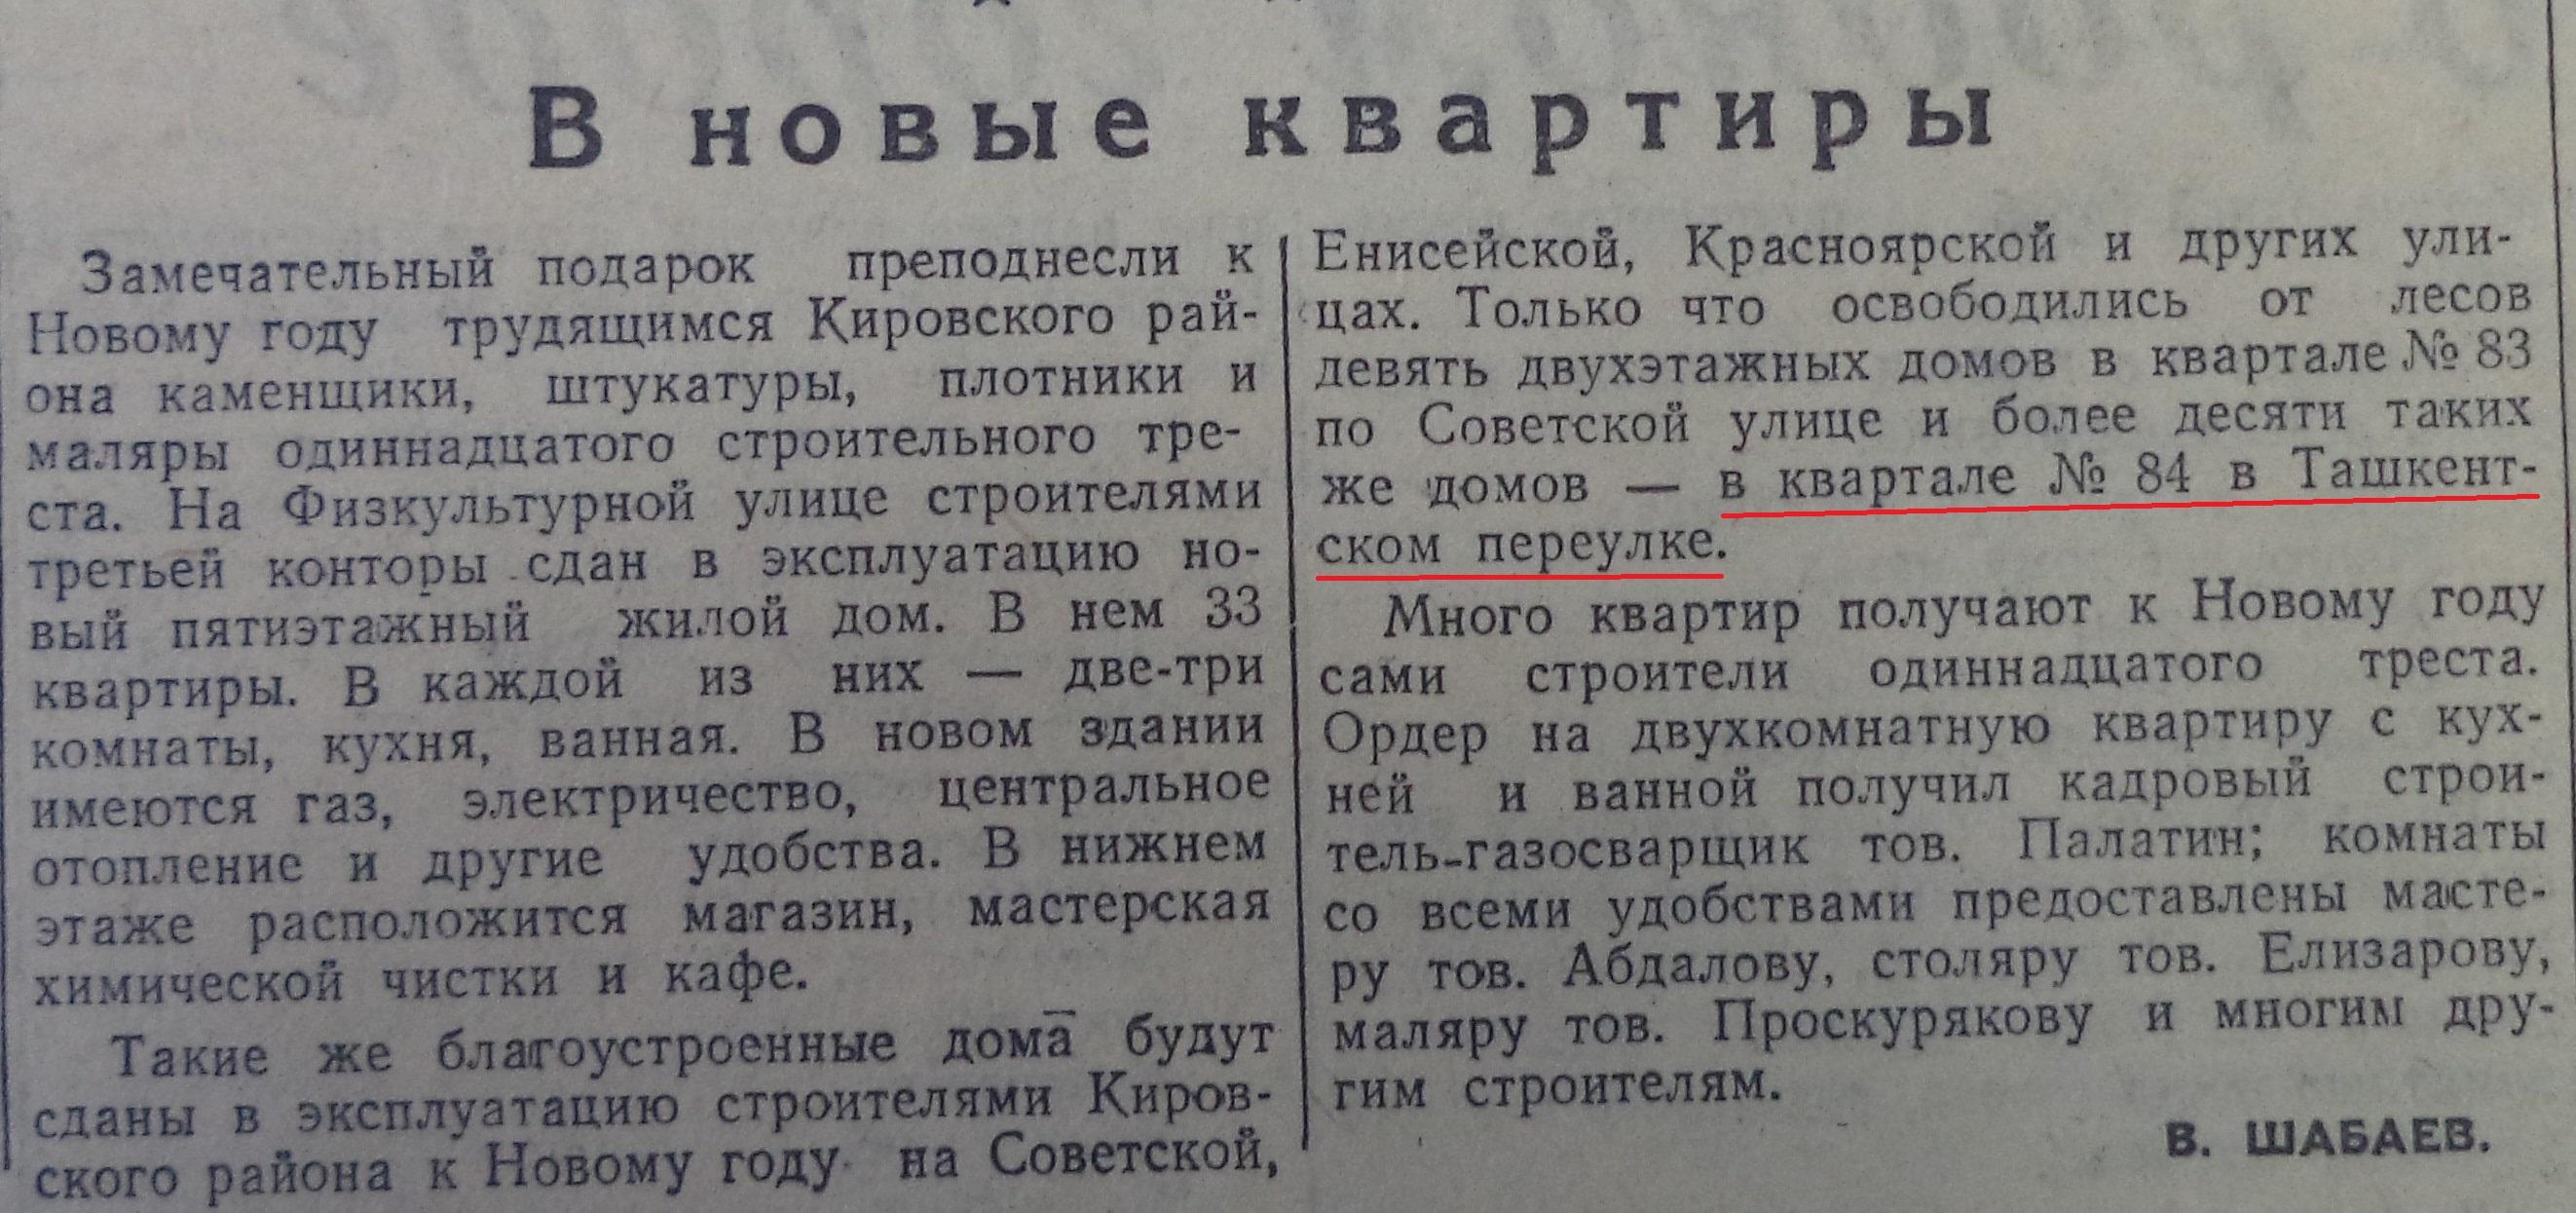 Ташкентский-ФОТО-05-ВКа-1953-12-31-новоселья в Кир. р-не